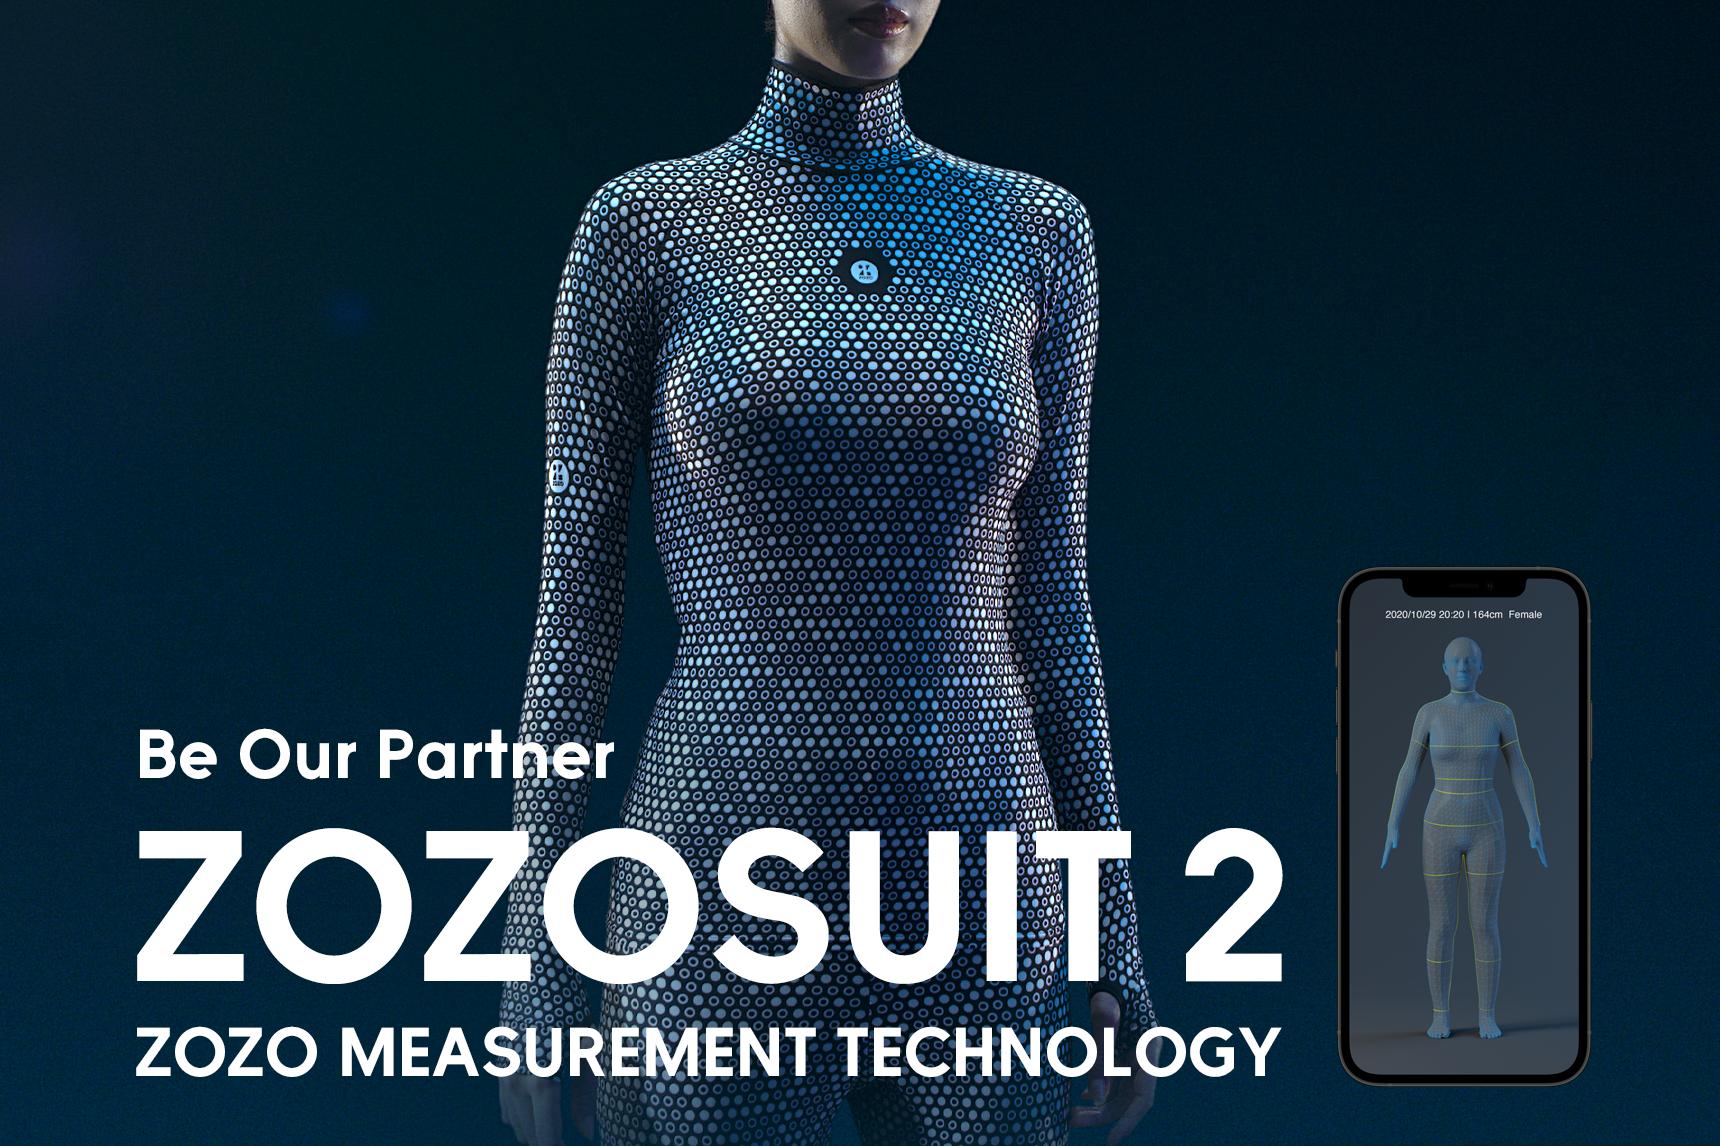 日本时尚电商集团 ZOZO 发布新一代3D量体衣:手机拍摄就能获2万个身体测量点